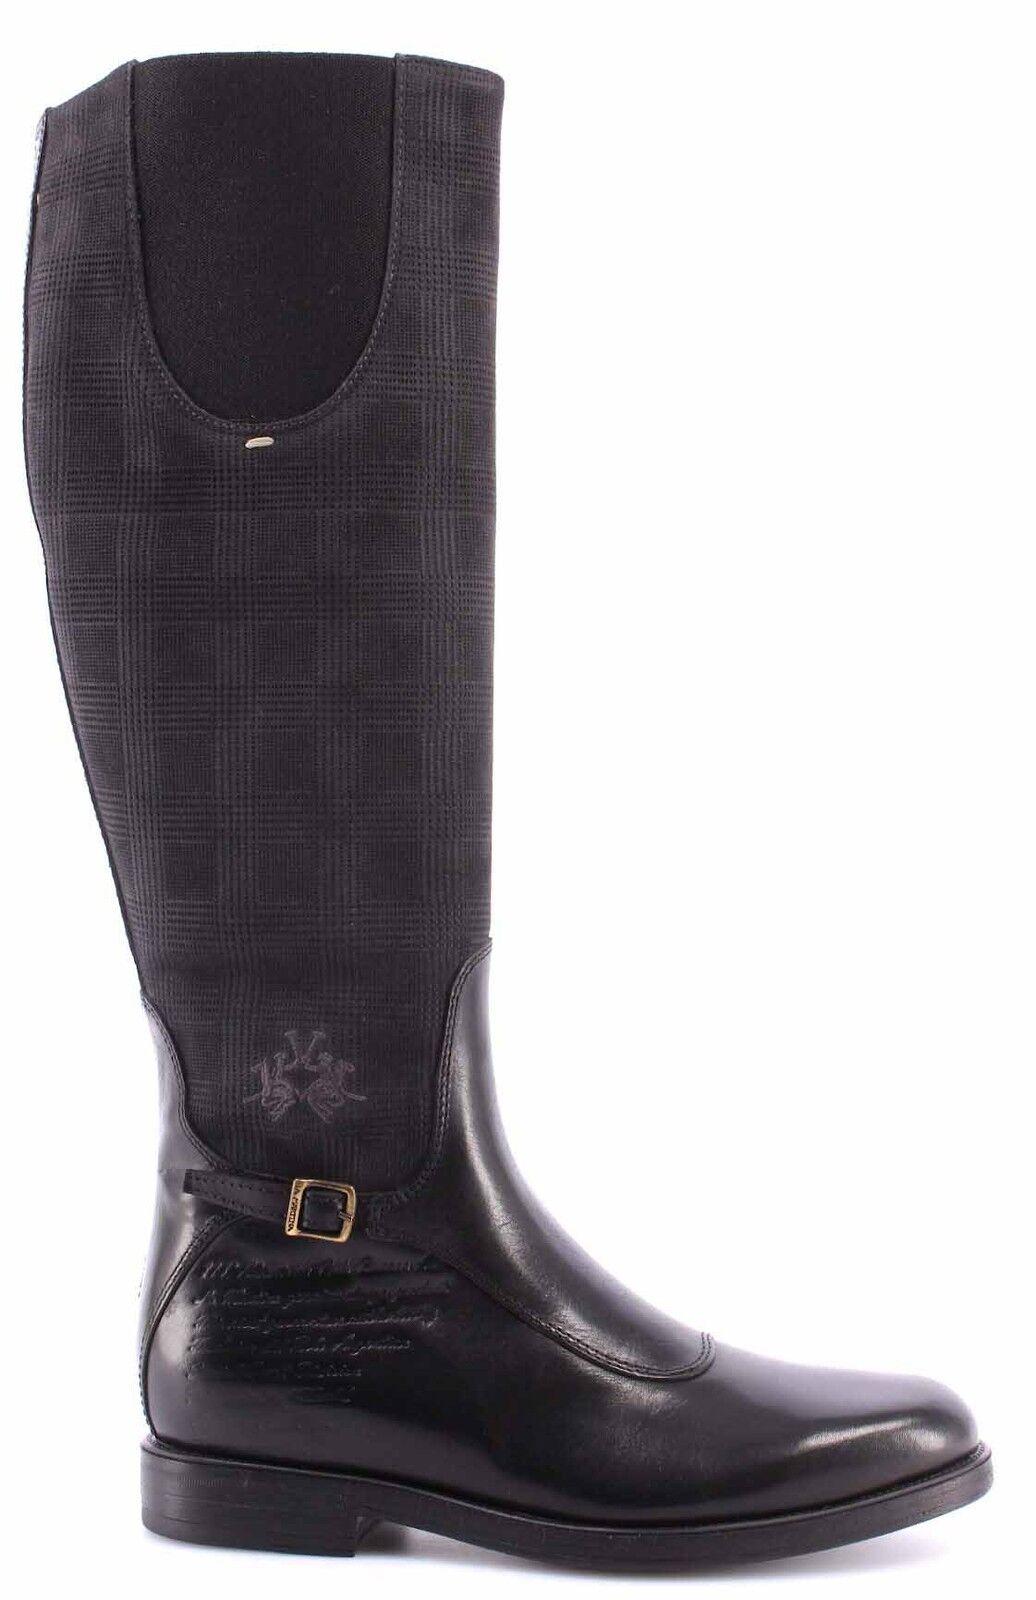 zapatos  MARTINA Botas De Mujer LA MARTINA  L2181284 Cuero Nero Camo Antracite Galle Negro ee3eee